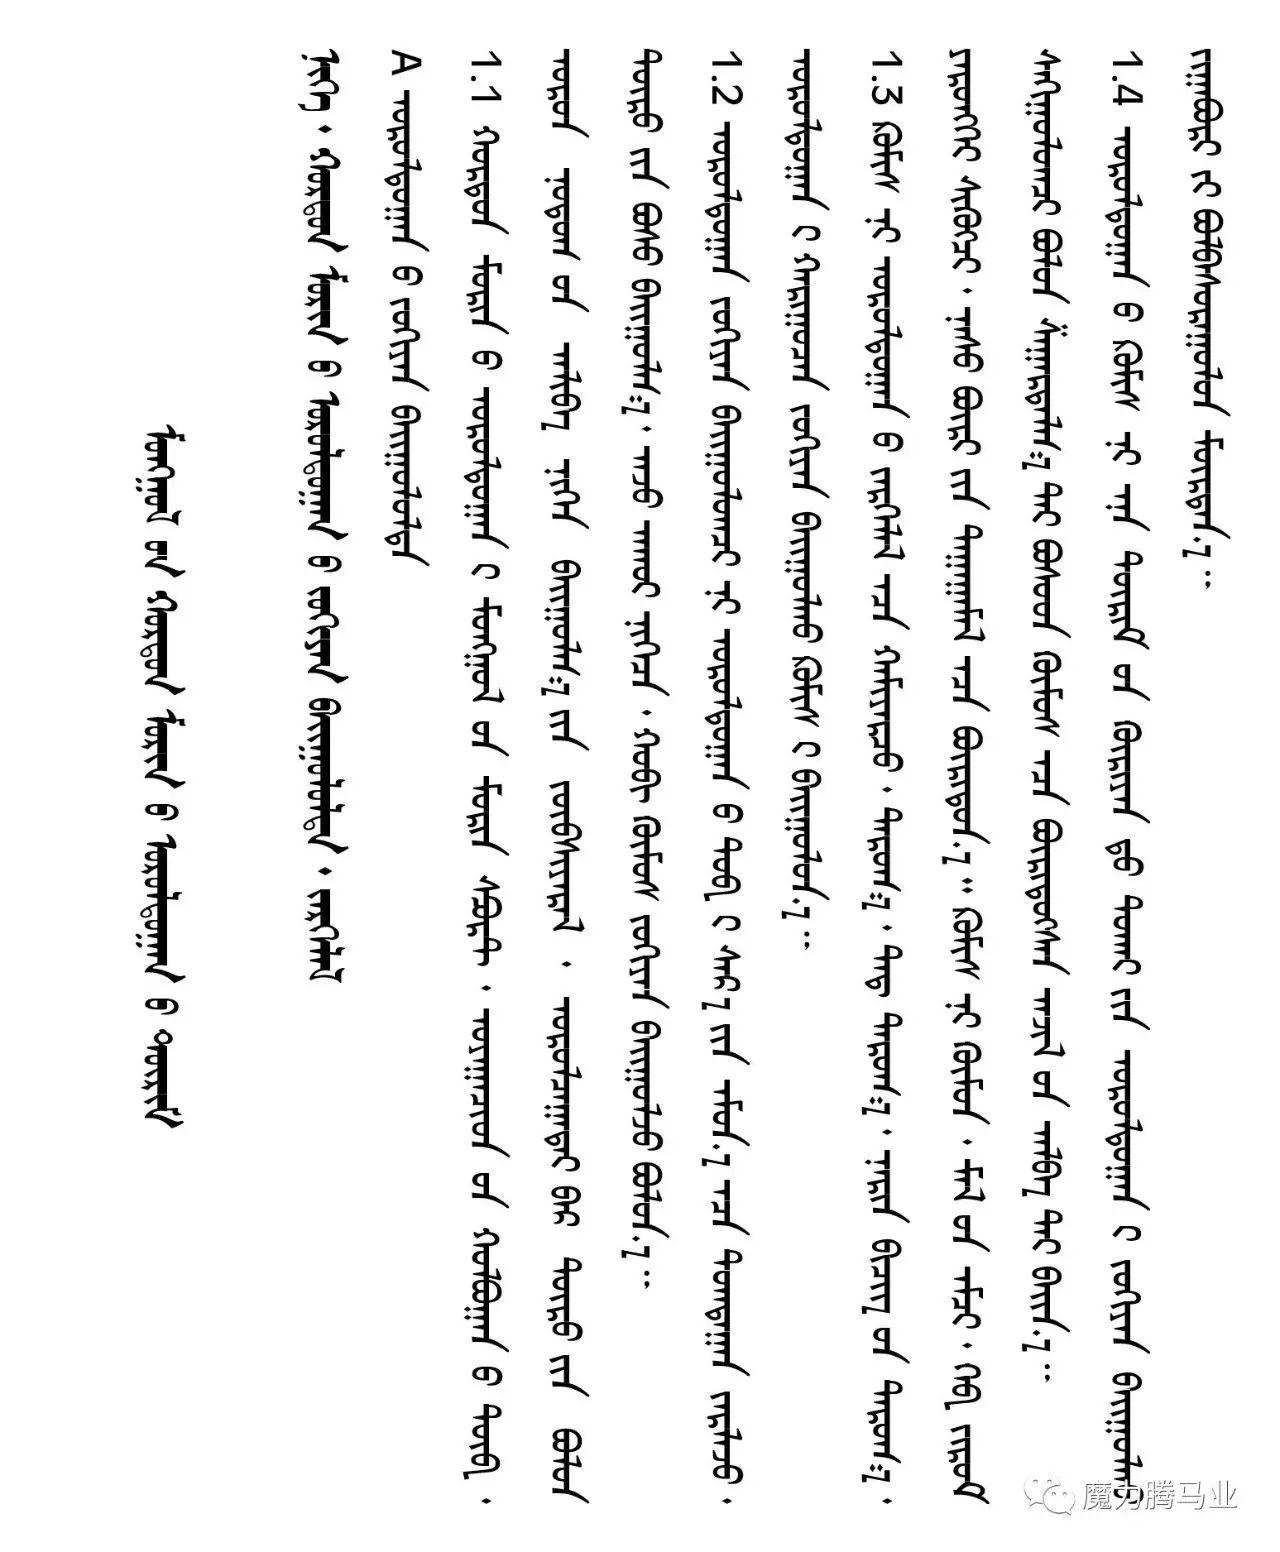 蒙古国赛马章程介绍 第9张 蒙古国赛马章程介绍 蒙古文库